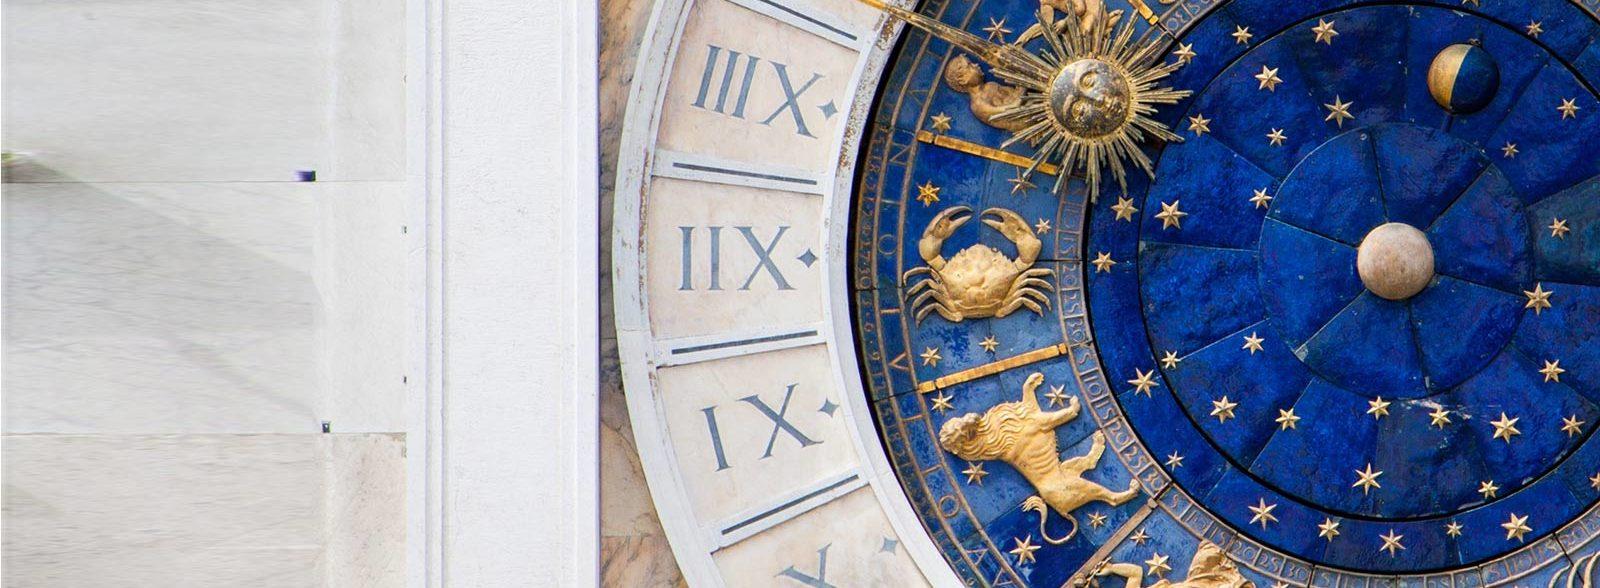 La Torre dell'Orologio di Venezia: perché vale la pena visitarla